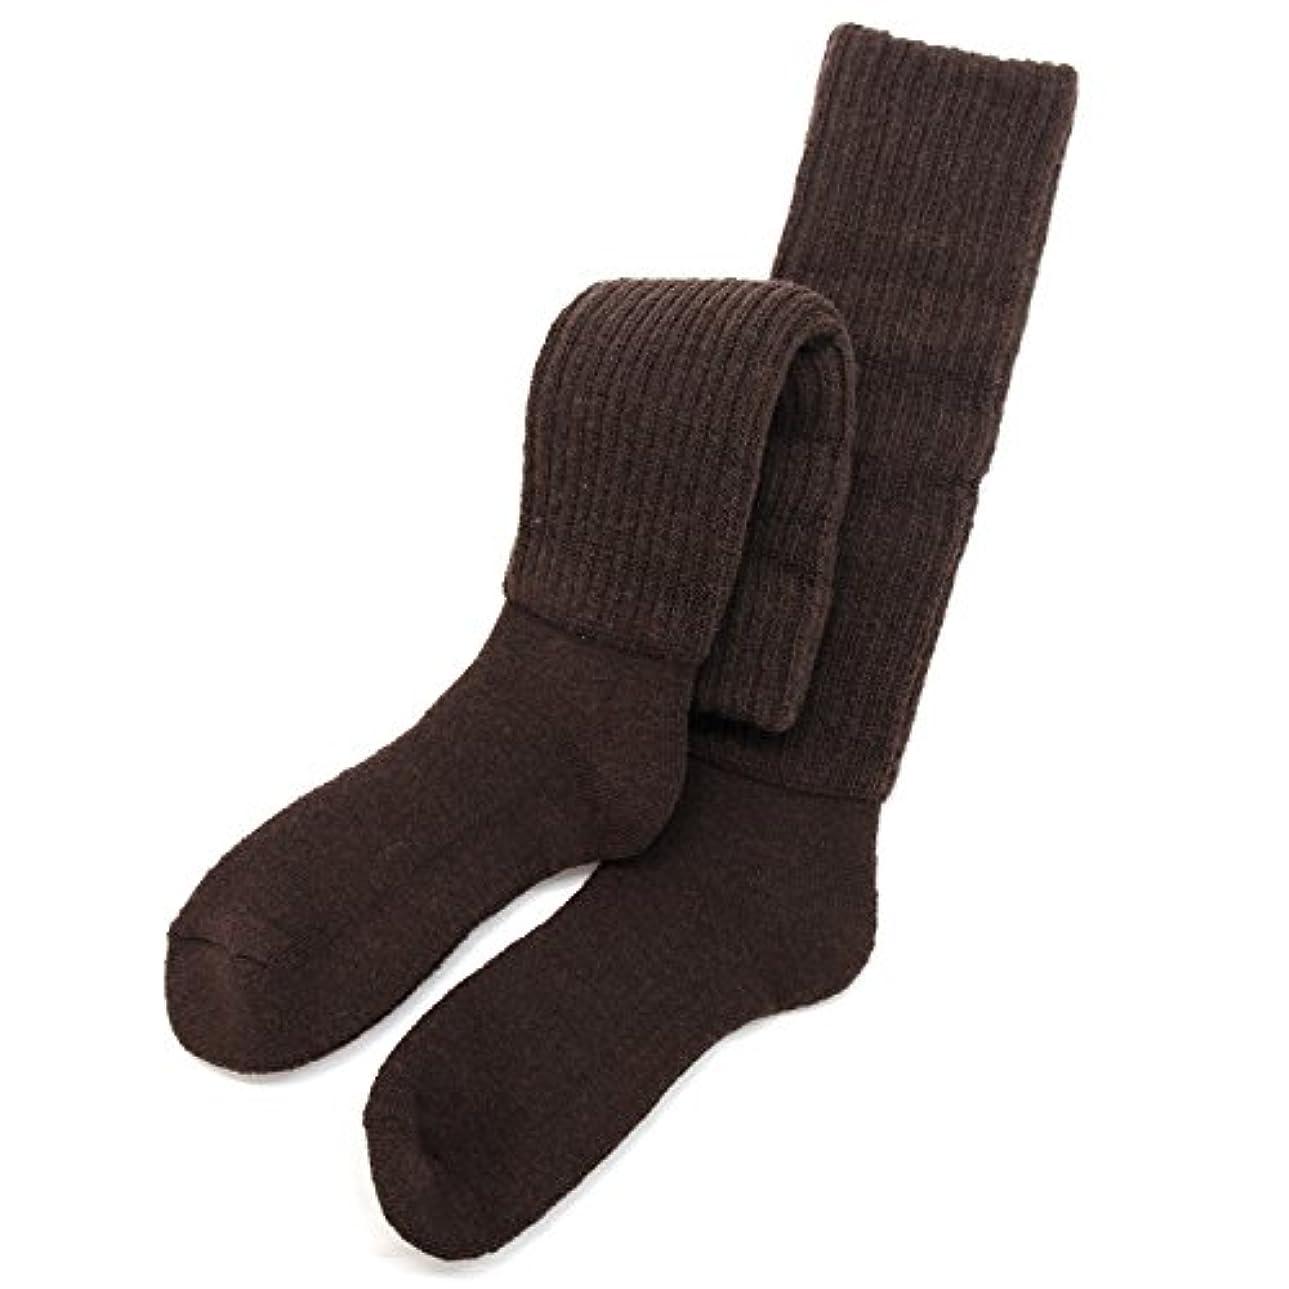 許される示すレインコートhiorie(ヒオリエ) 日本製 冷えとり靴下 あったか 2重編み靴下 ハイソックス <Lサイズ>